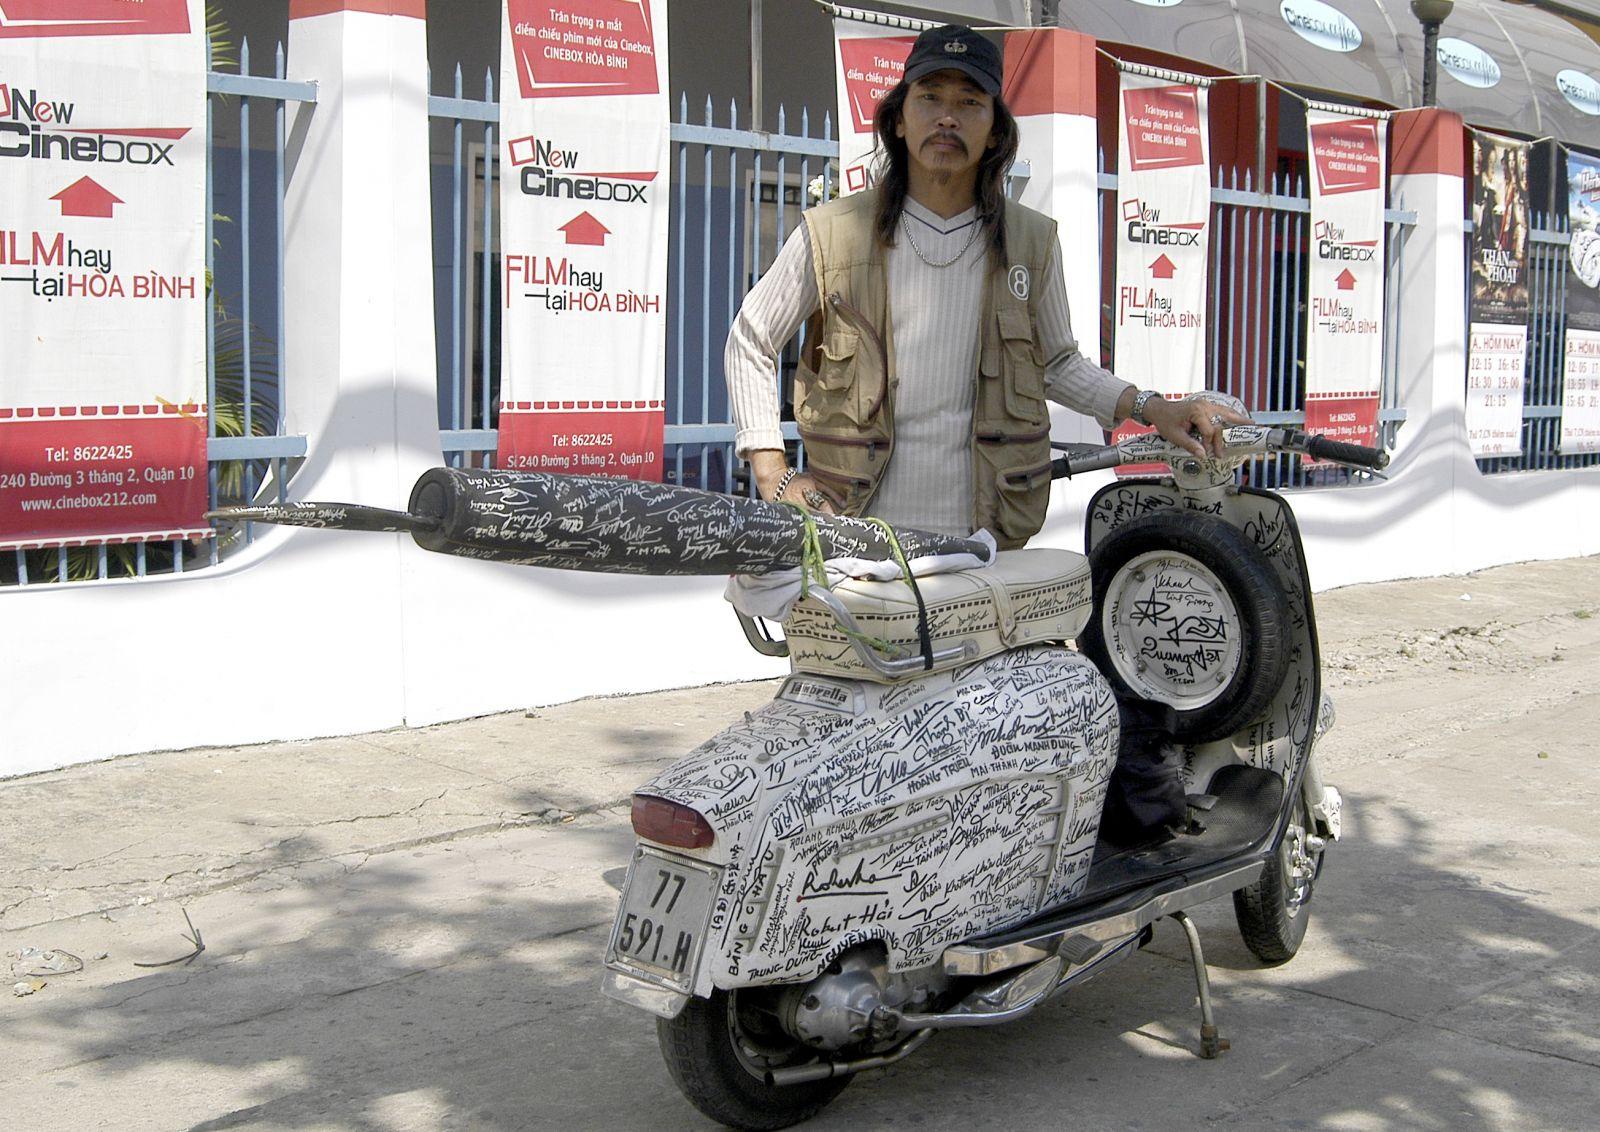 Quang Đạt – Người ôm giấc mơ điện ảnh